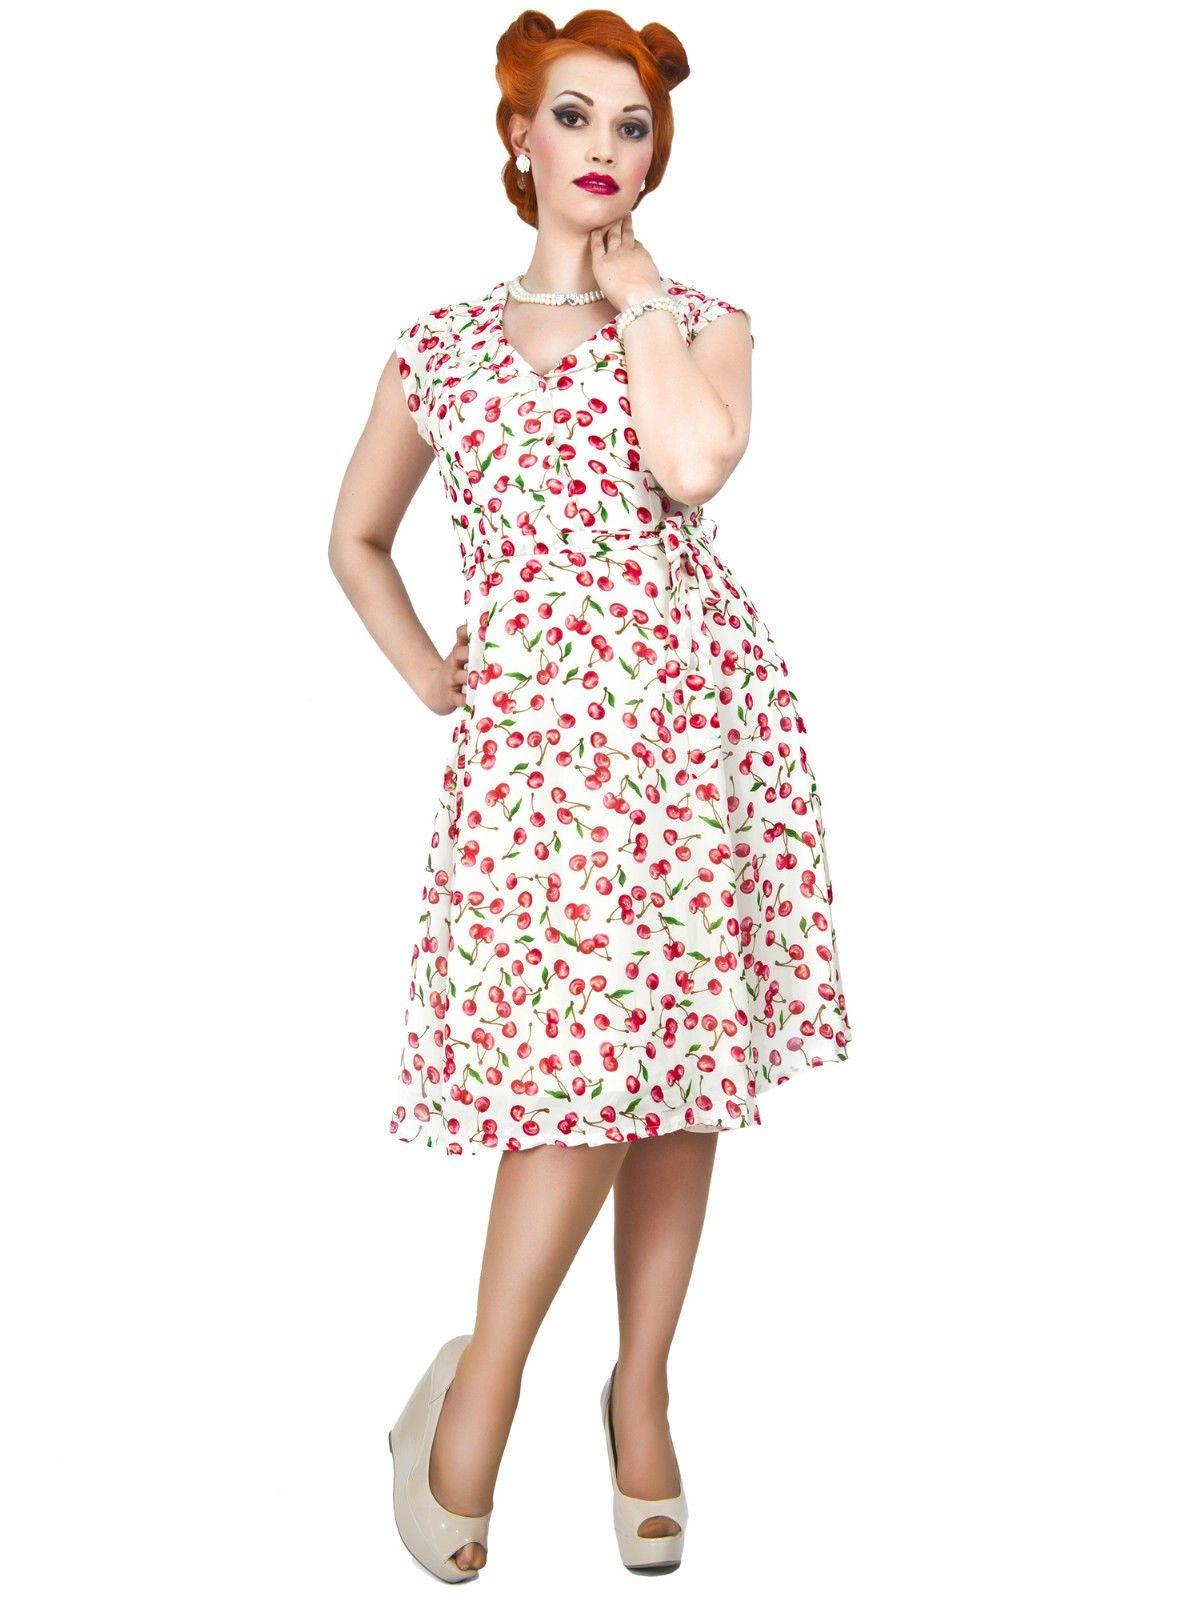 fecda7c8 Nydelig kjole fra Collectif. Kjolen har en klassisk 1950-talls snitt og  nydelig passform. Behagelig å ha på seg, stoff med tung fall. Passer str.L,  pris kr.